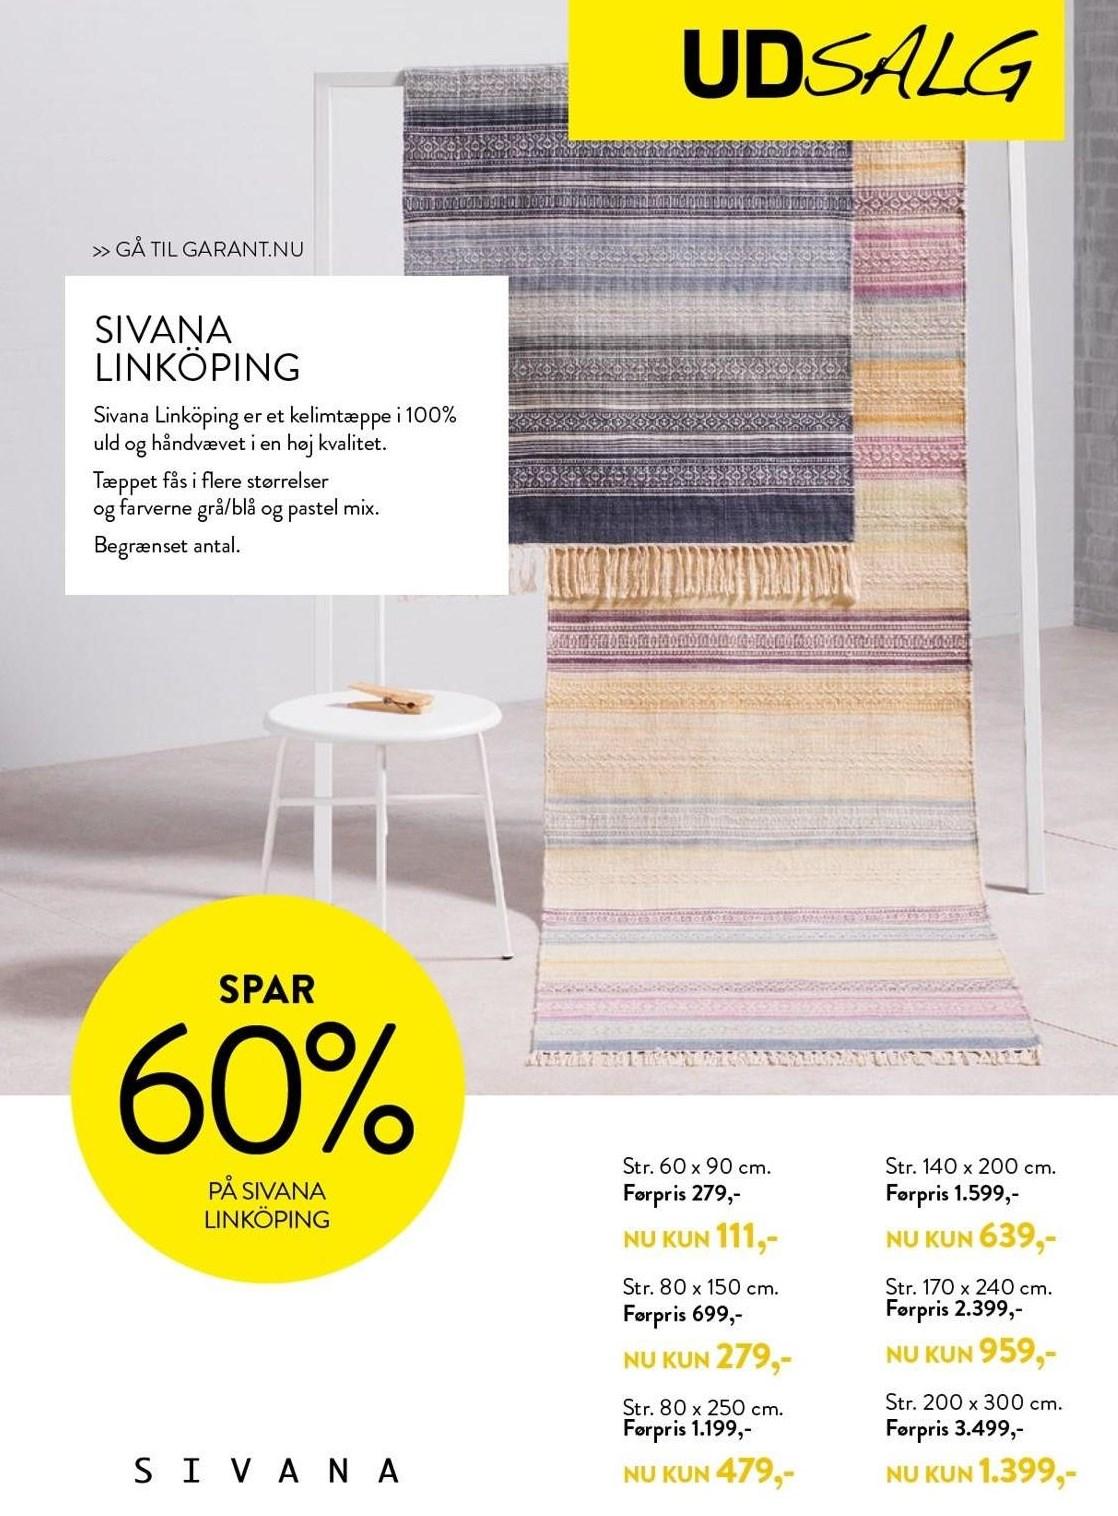 Spar 60% på Sivana Linköping